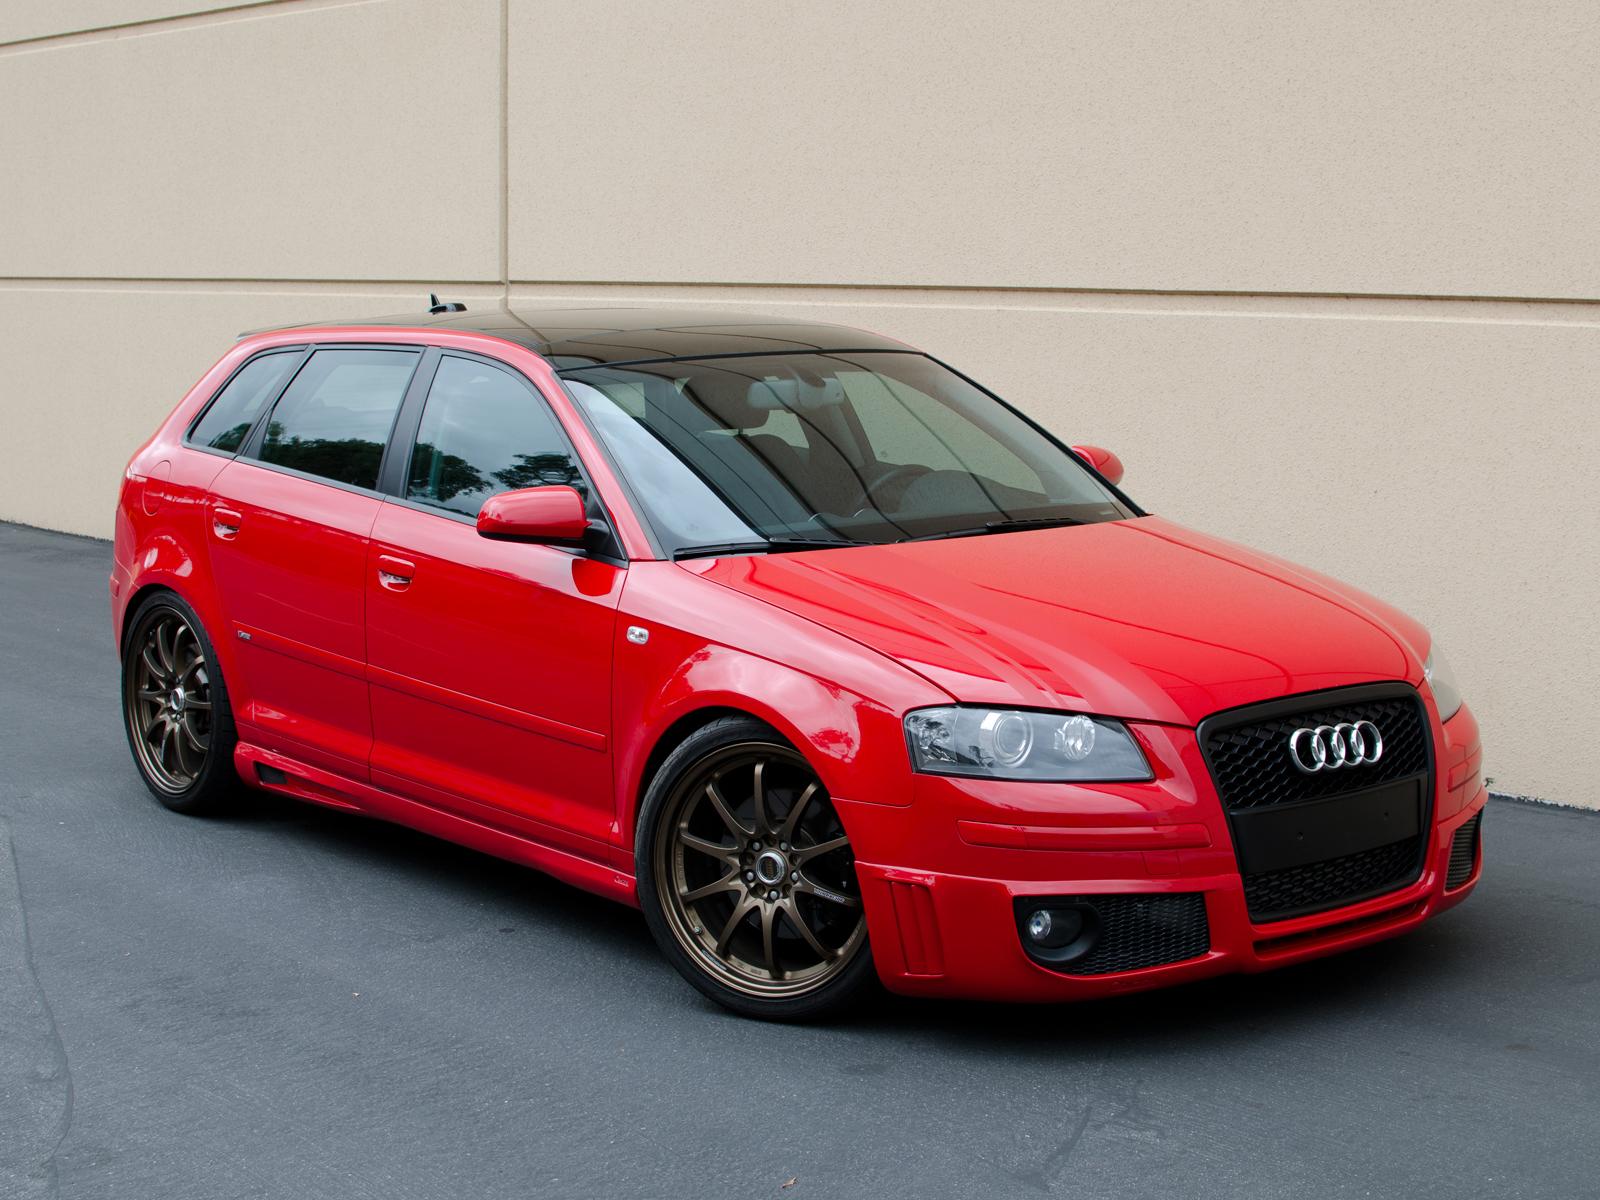 Kekurangan Audi A3 2.0 Tdi Perbandingan Harga